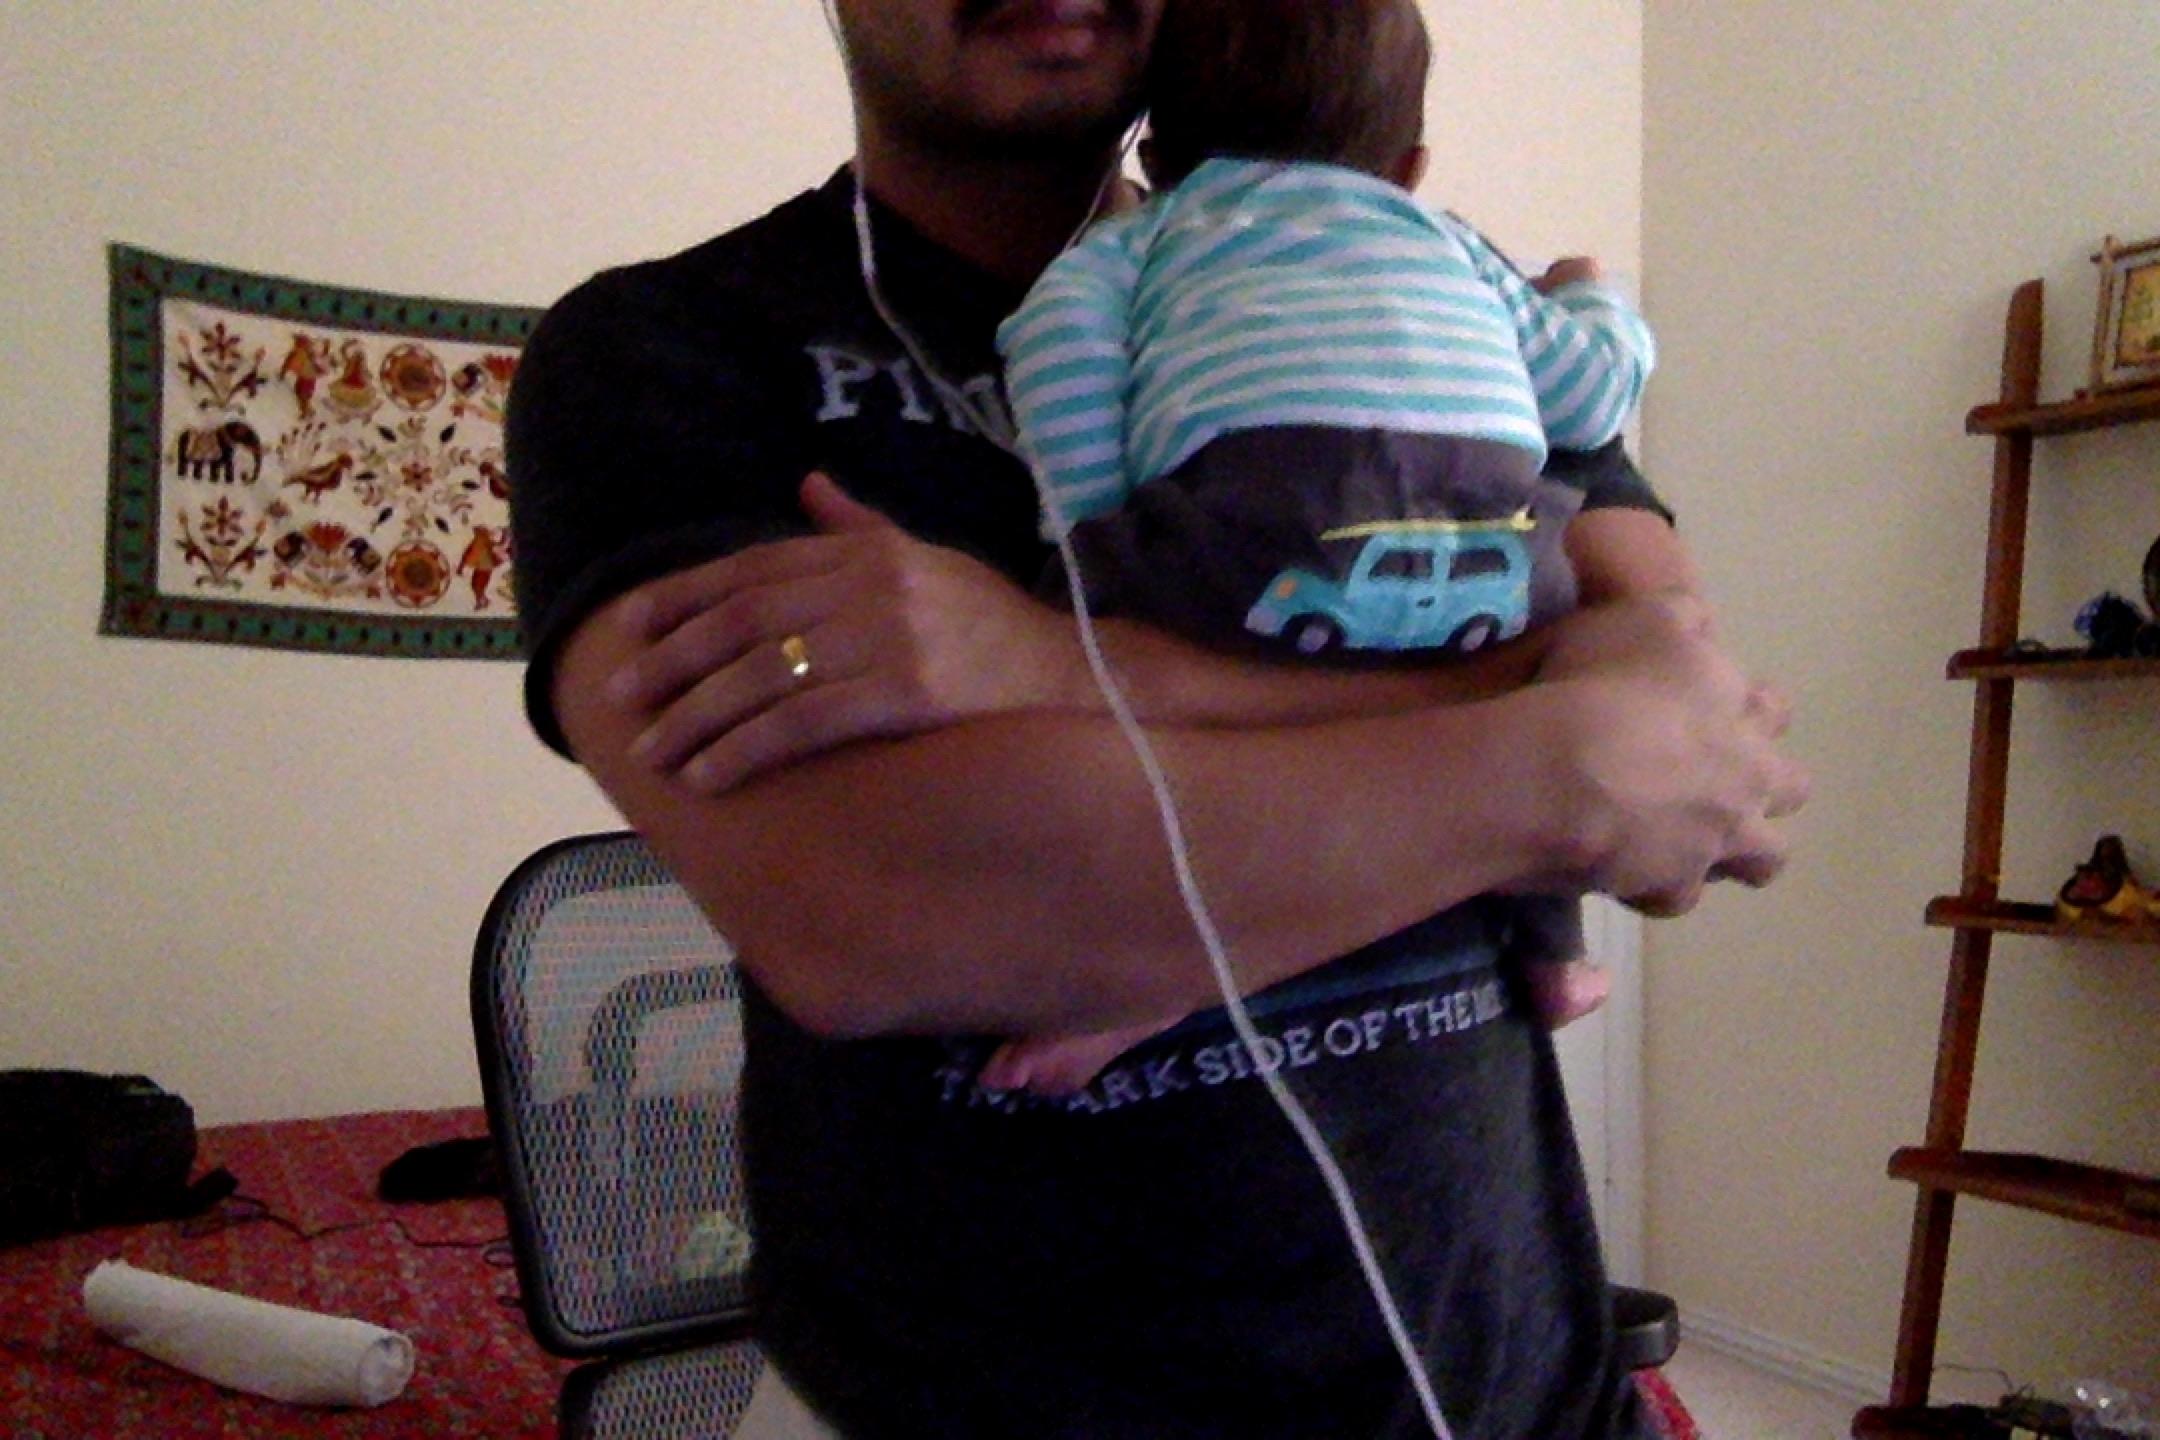 Me and Kiddo on a work call